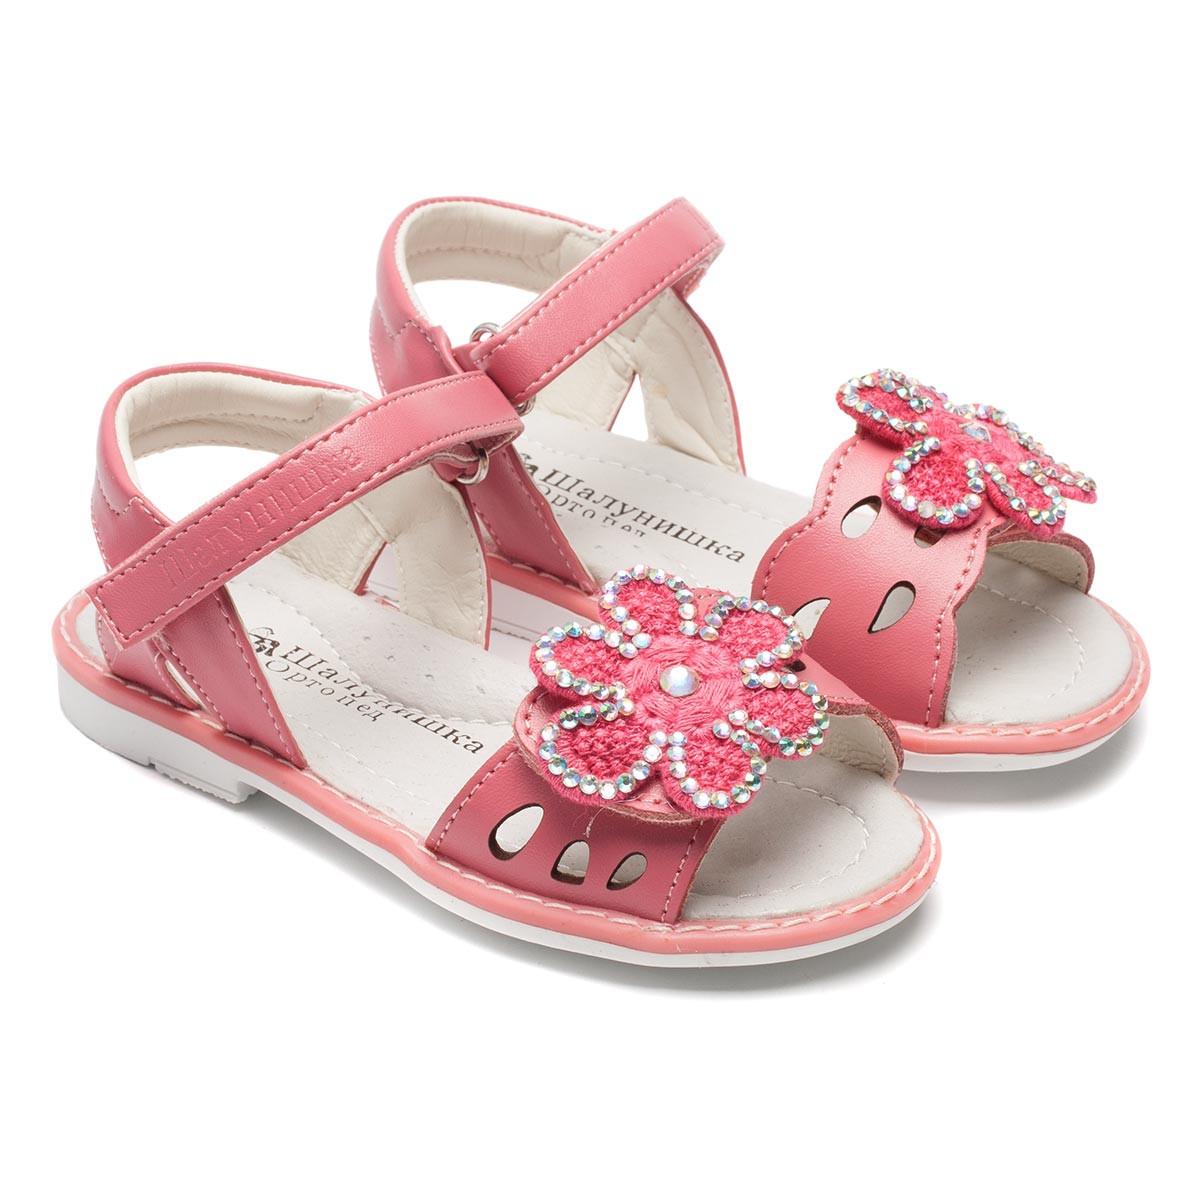 Сандалии для девочки, открытые, размер 24-30 Подробнее: http://ortopedic.com.ua/p90444265-sandalii-dlya-devochki.html